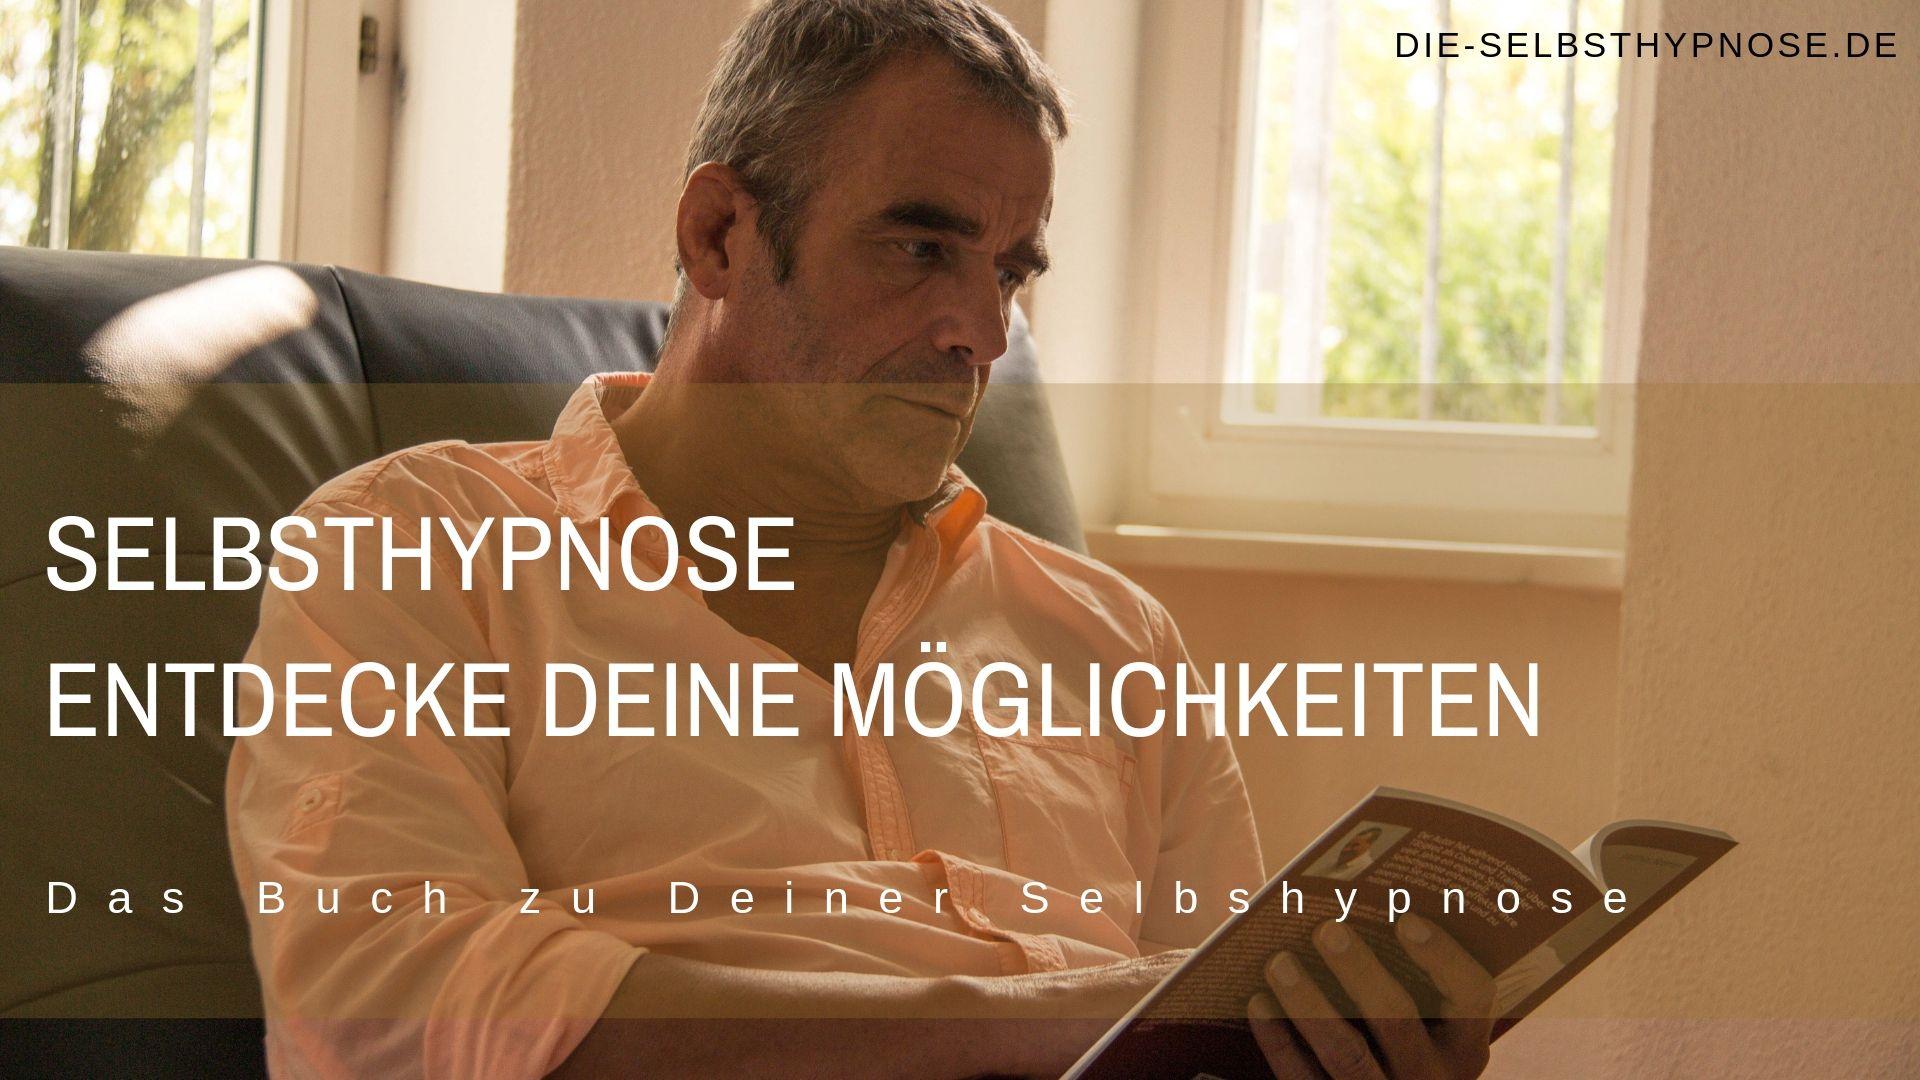 Das Buch zur Selbsthypnose – Entdecke Deine Möglichkeiten